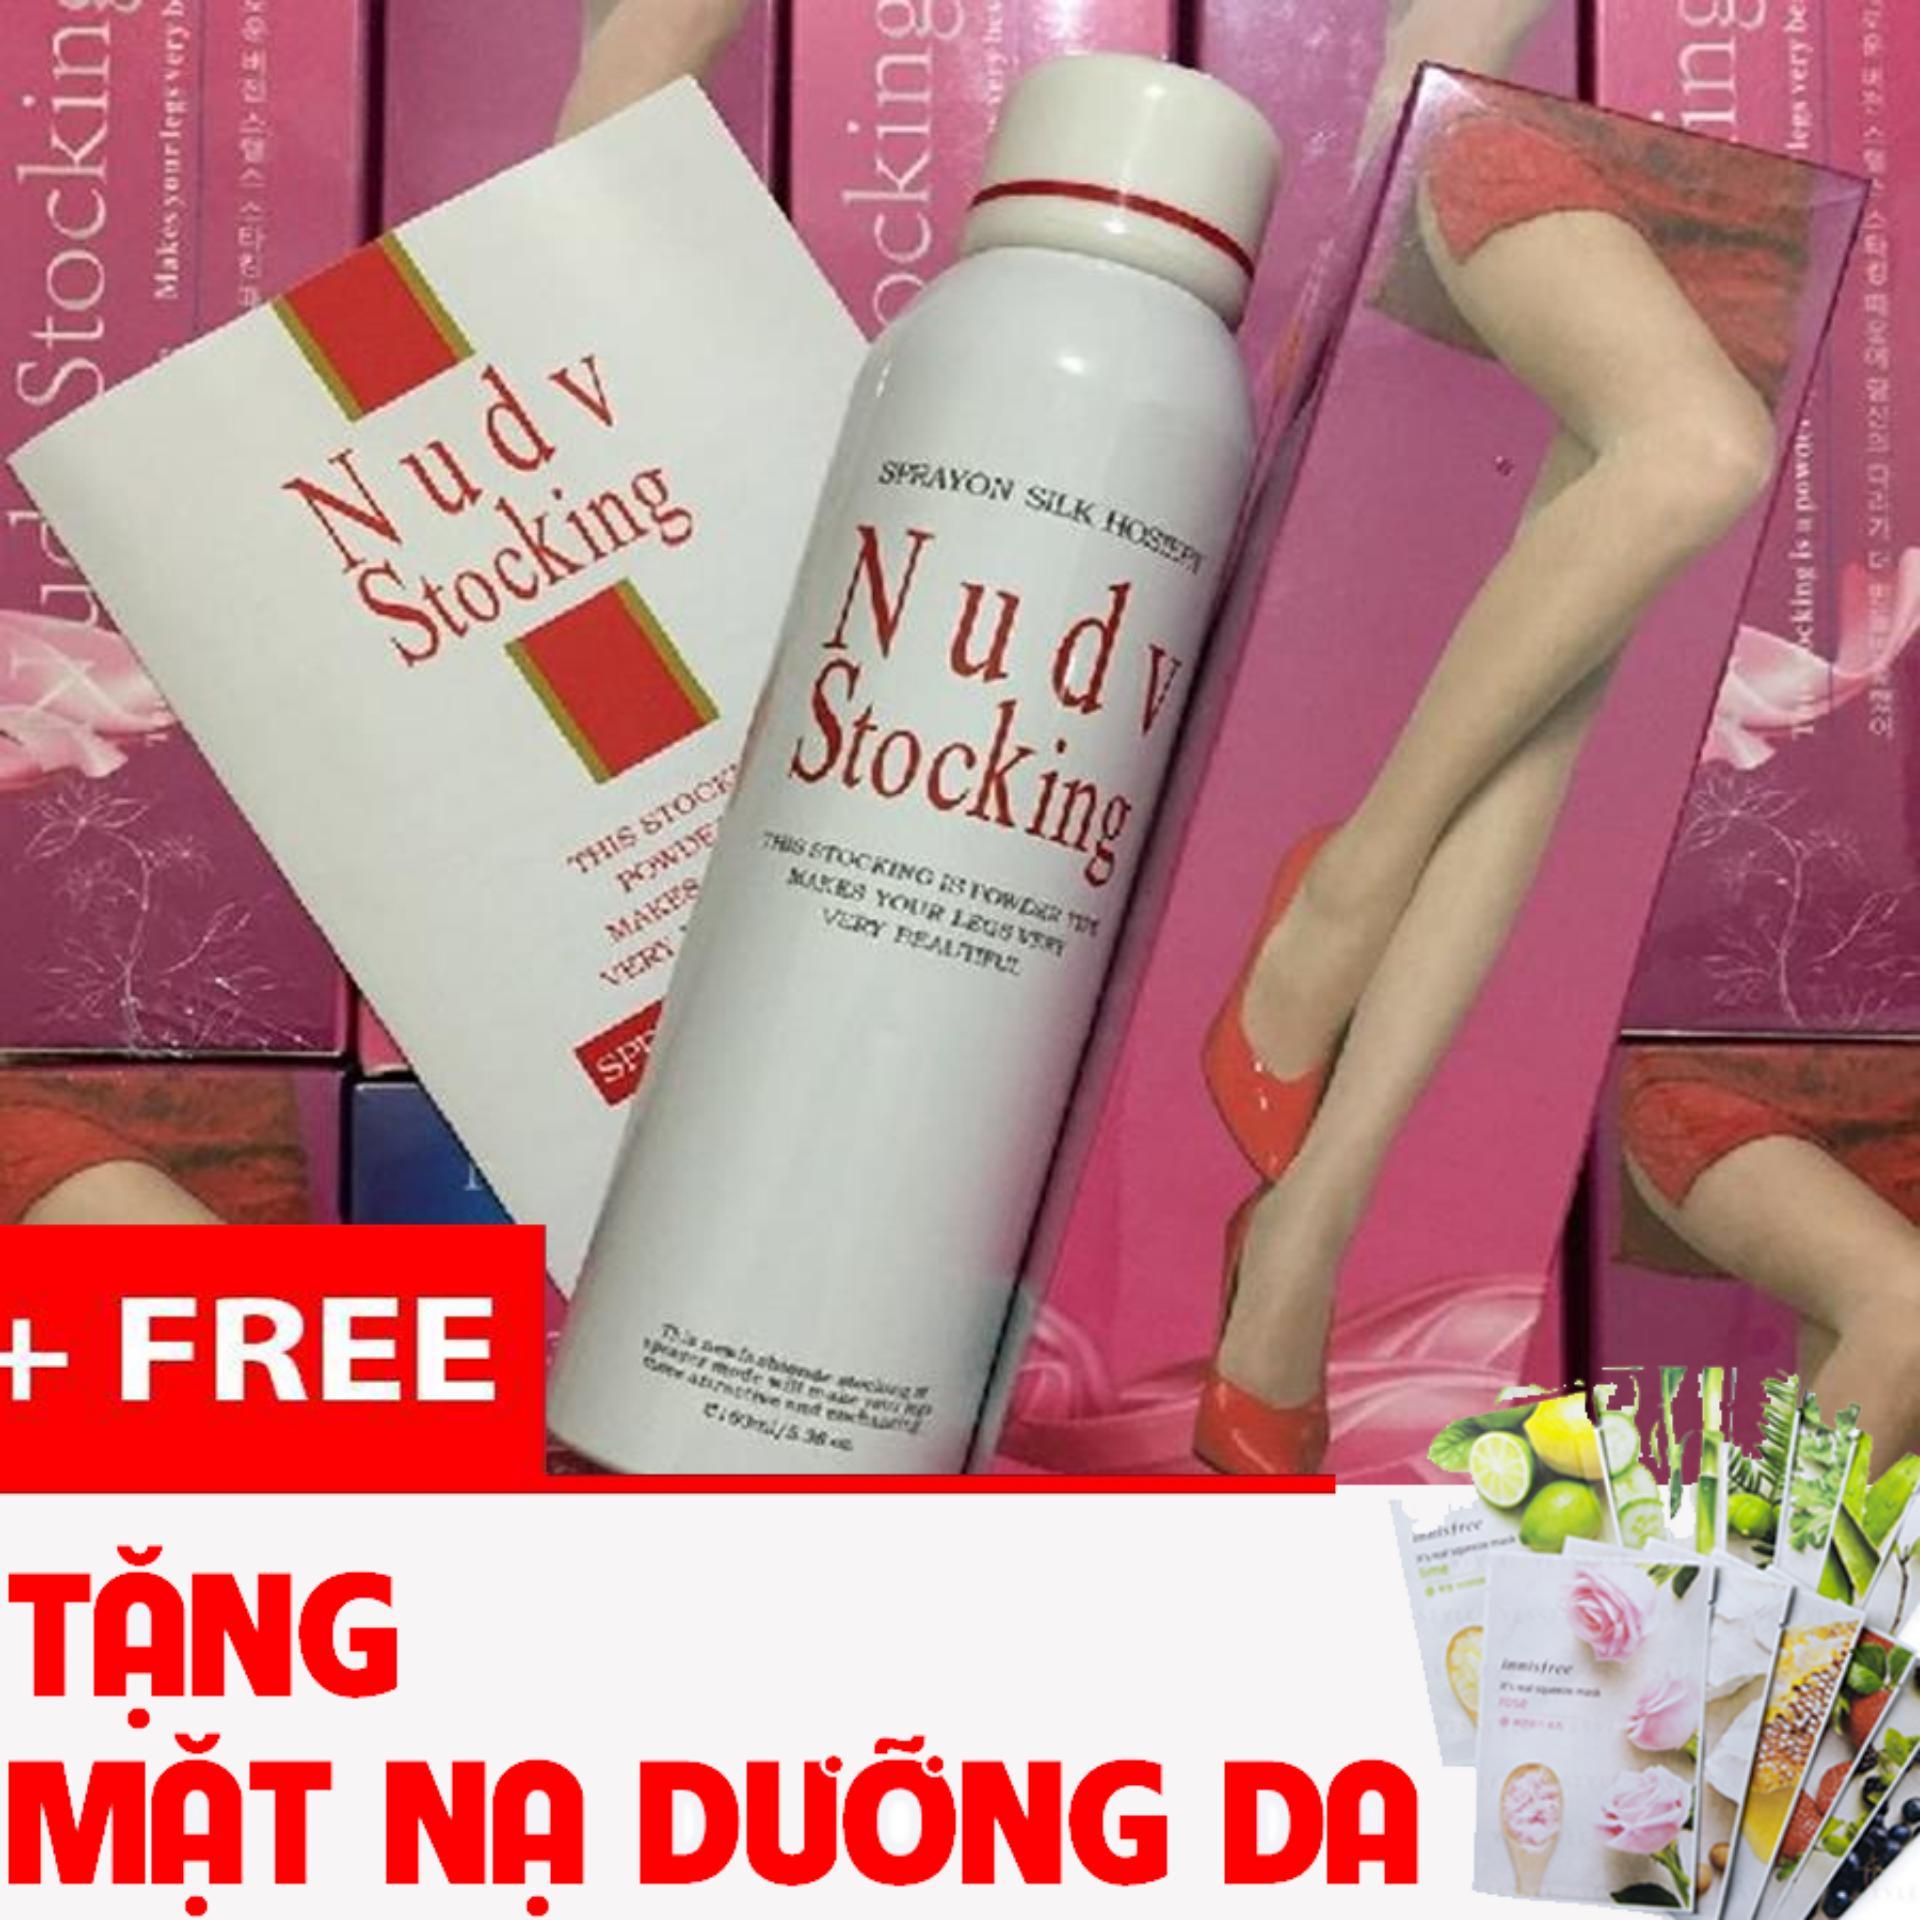 Tất Phun Chân Và Body Nudv Stocking Hàn Quốc